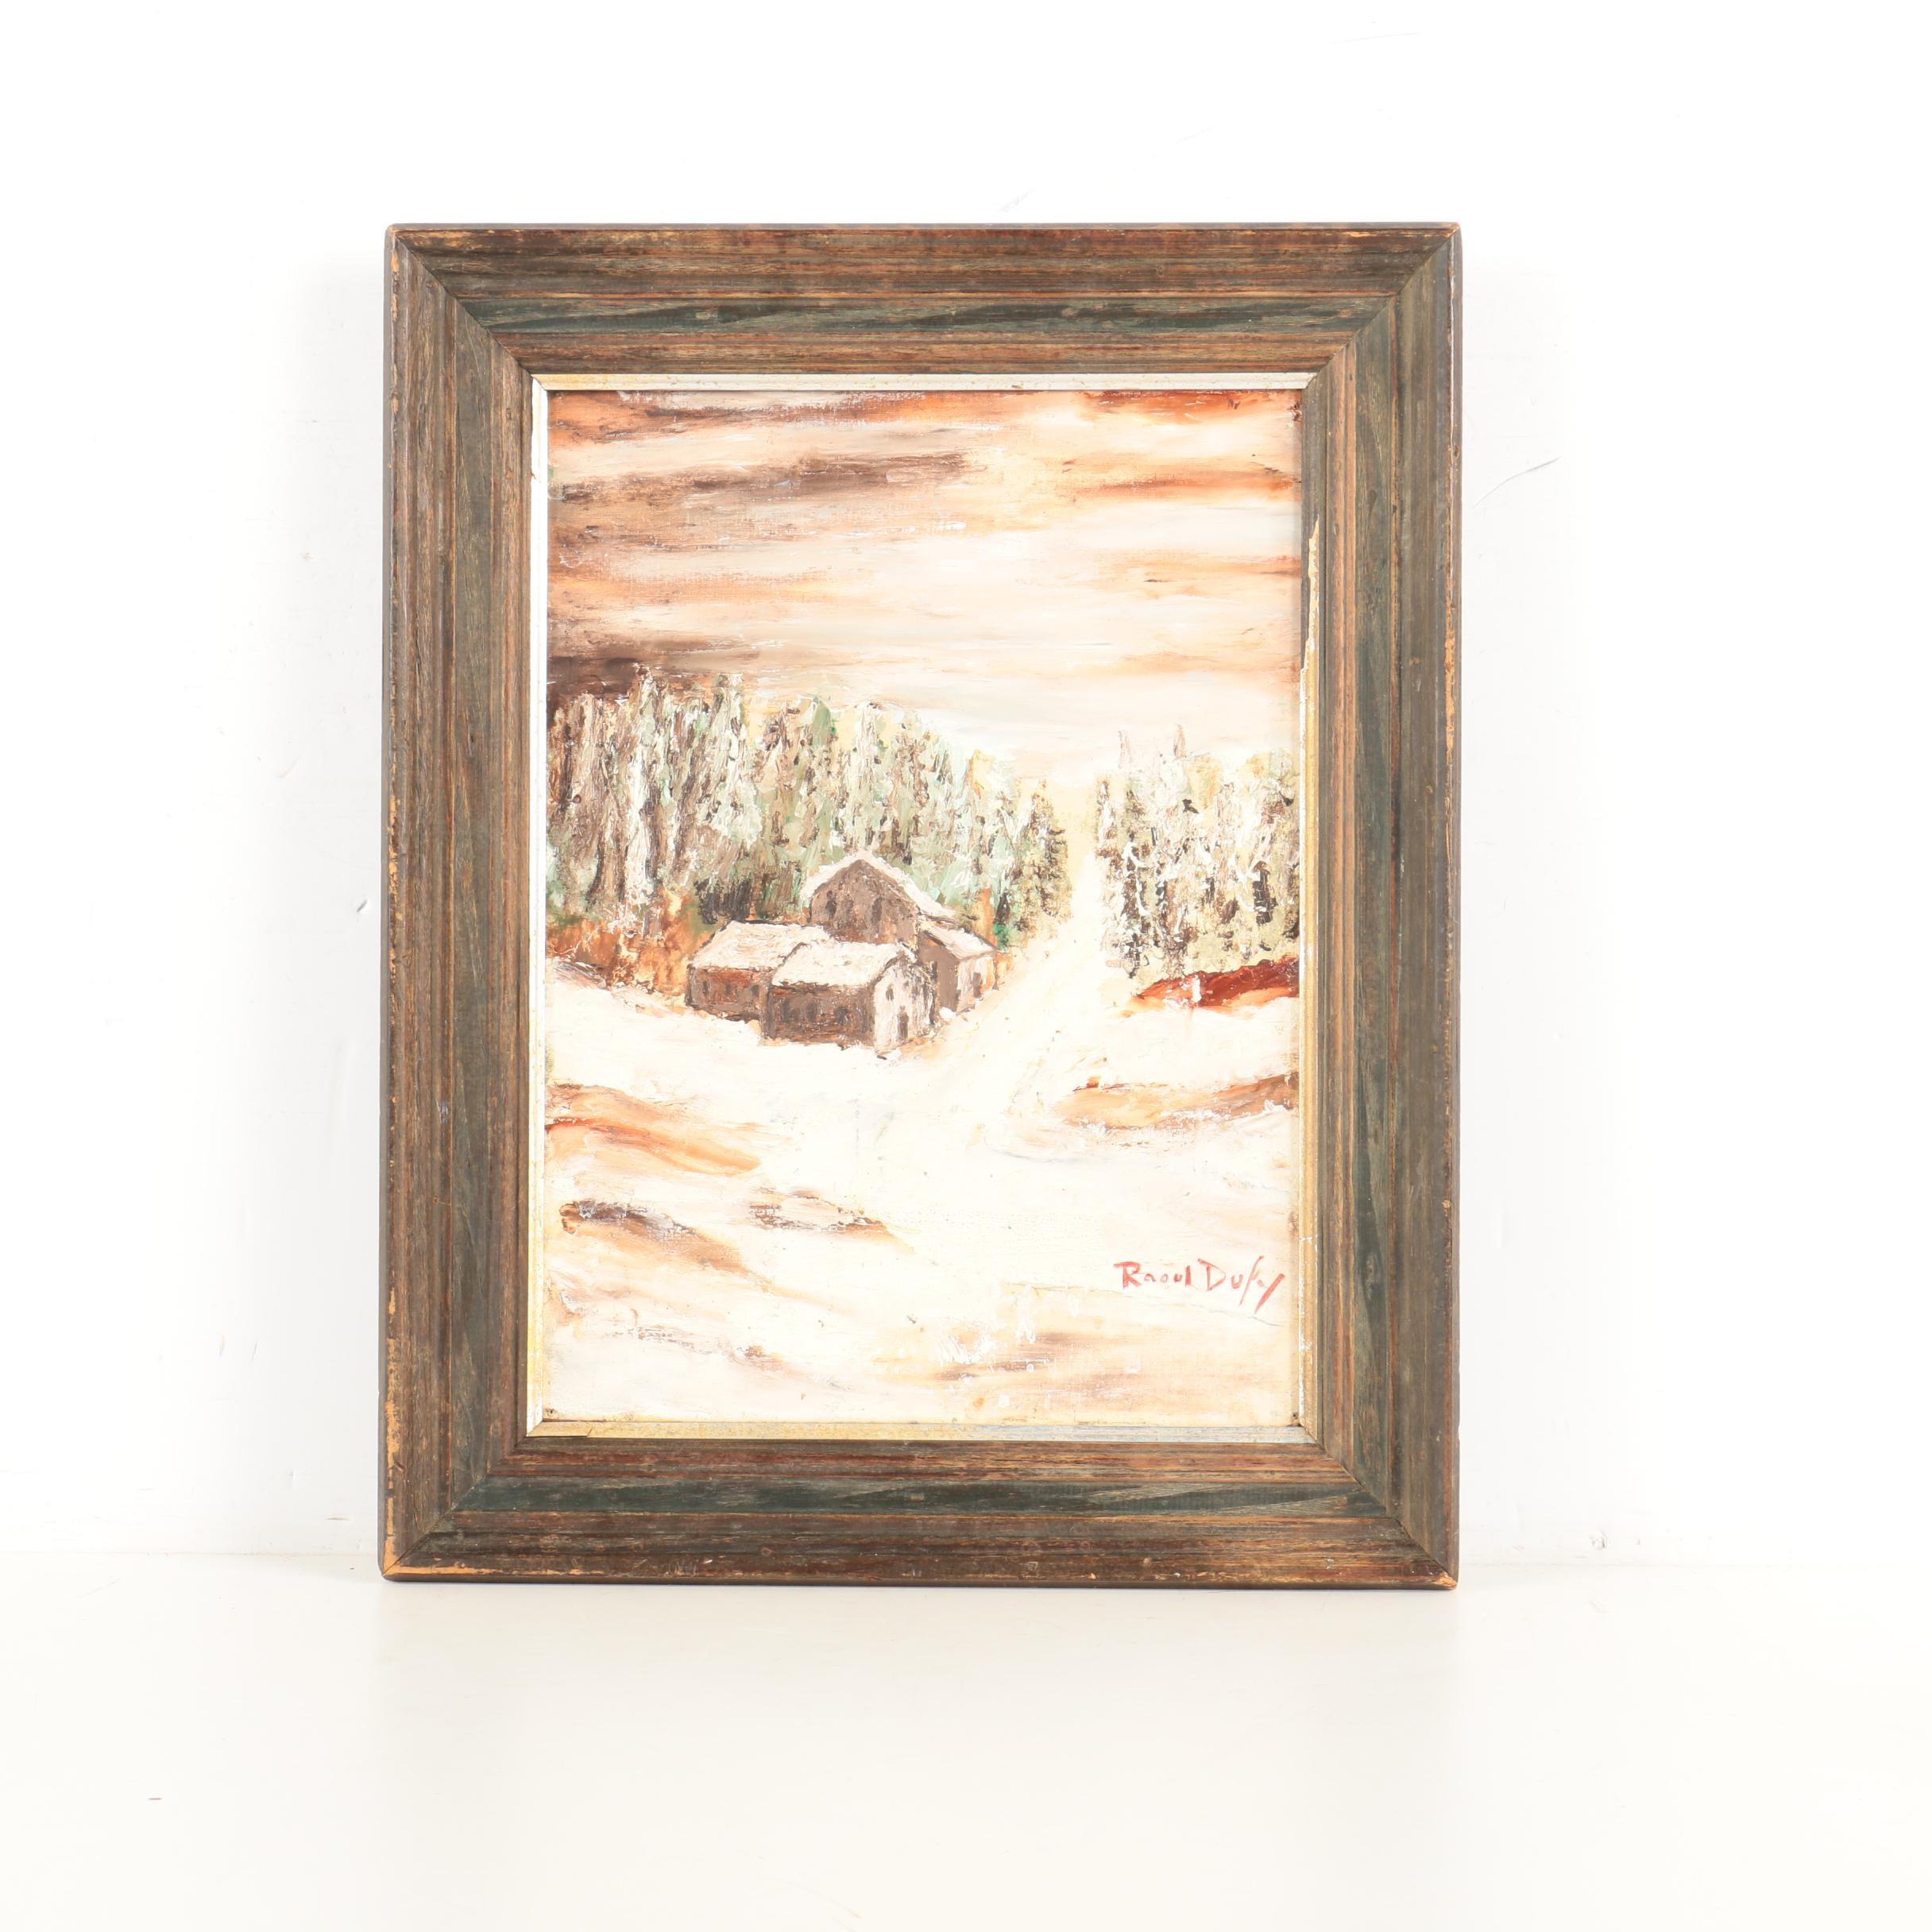 Raoul Dufy Oil on Canvas Winter Scene